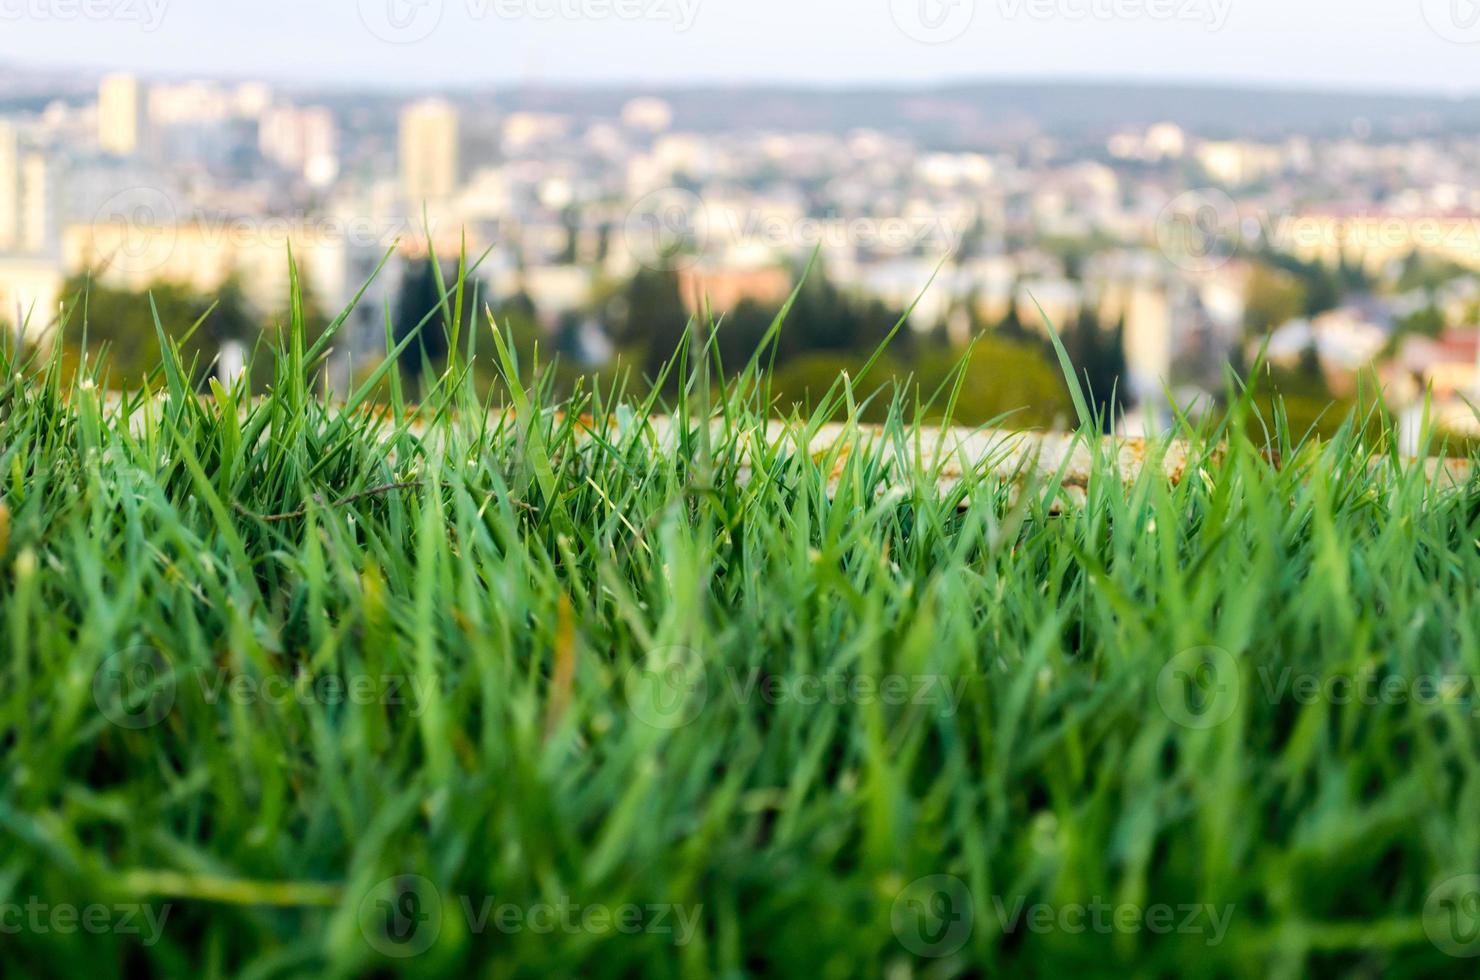 close-up van gras en een stad op de achtergrond foto